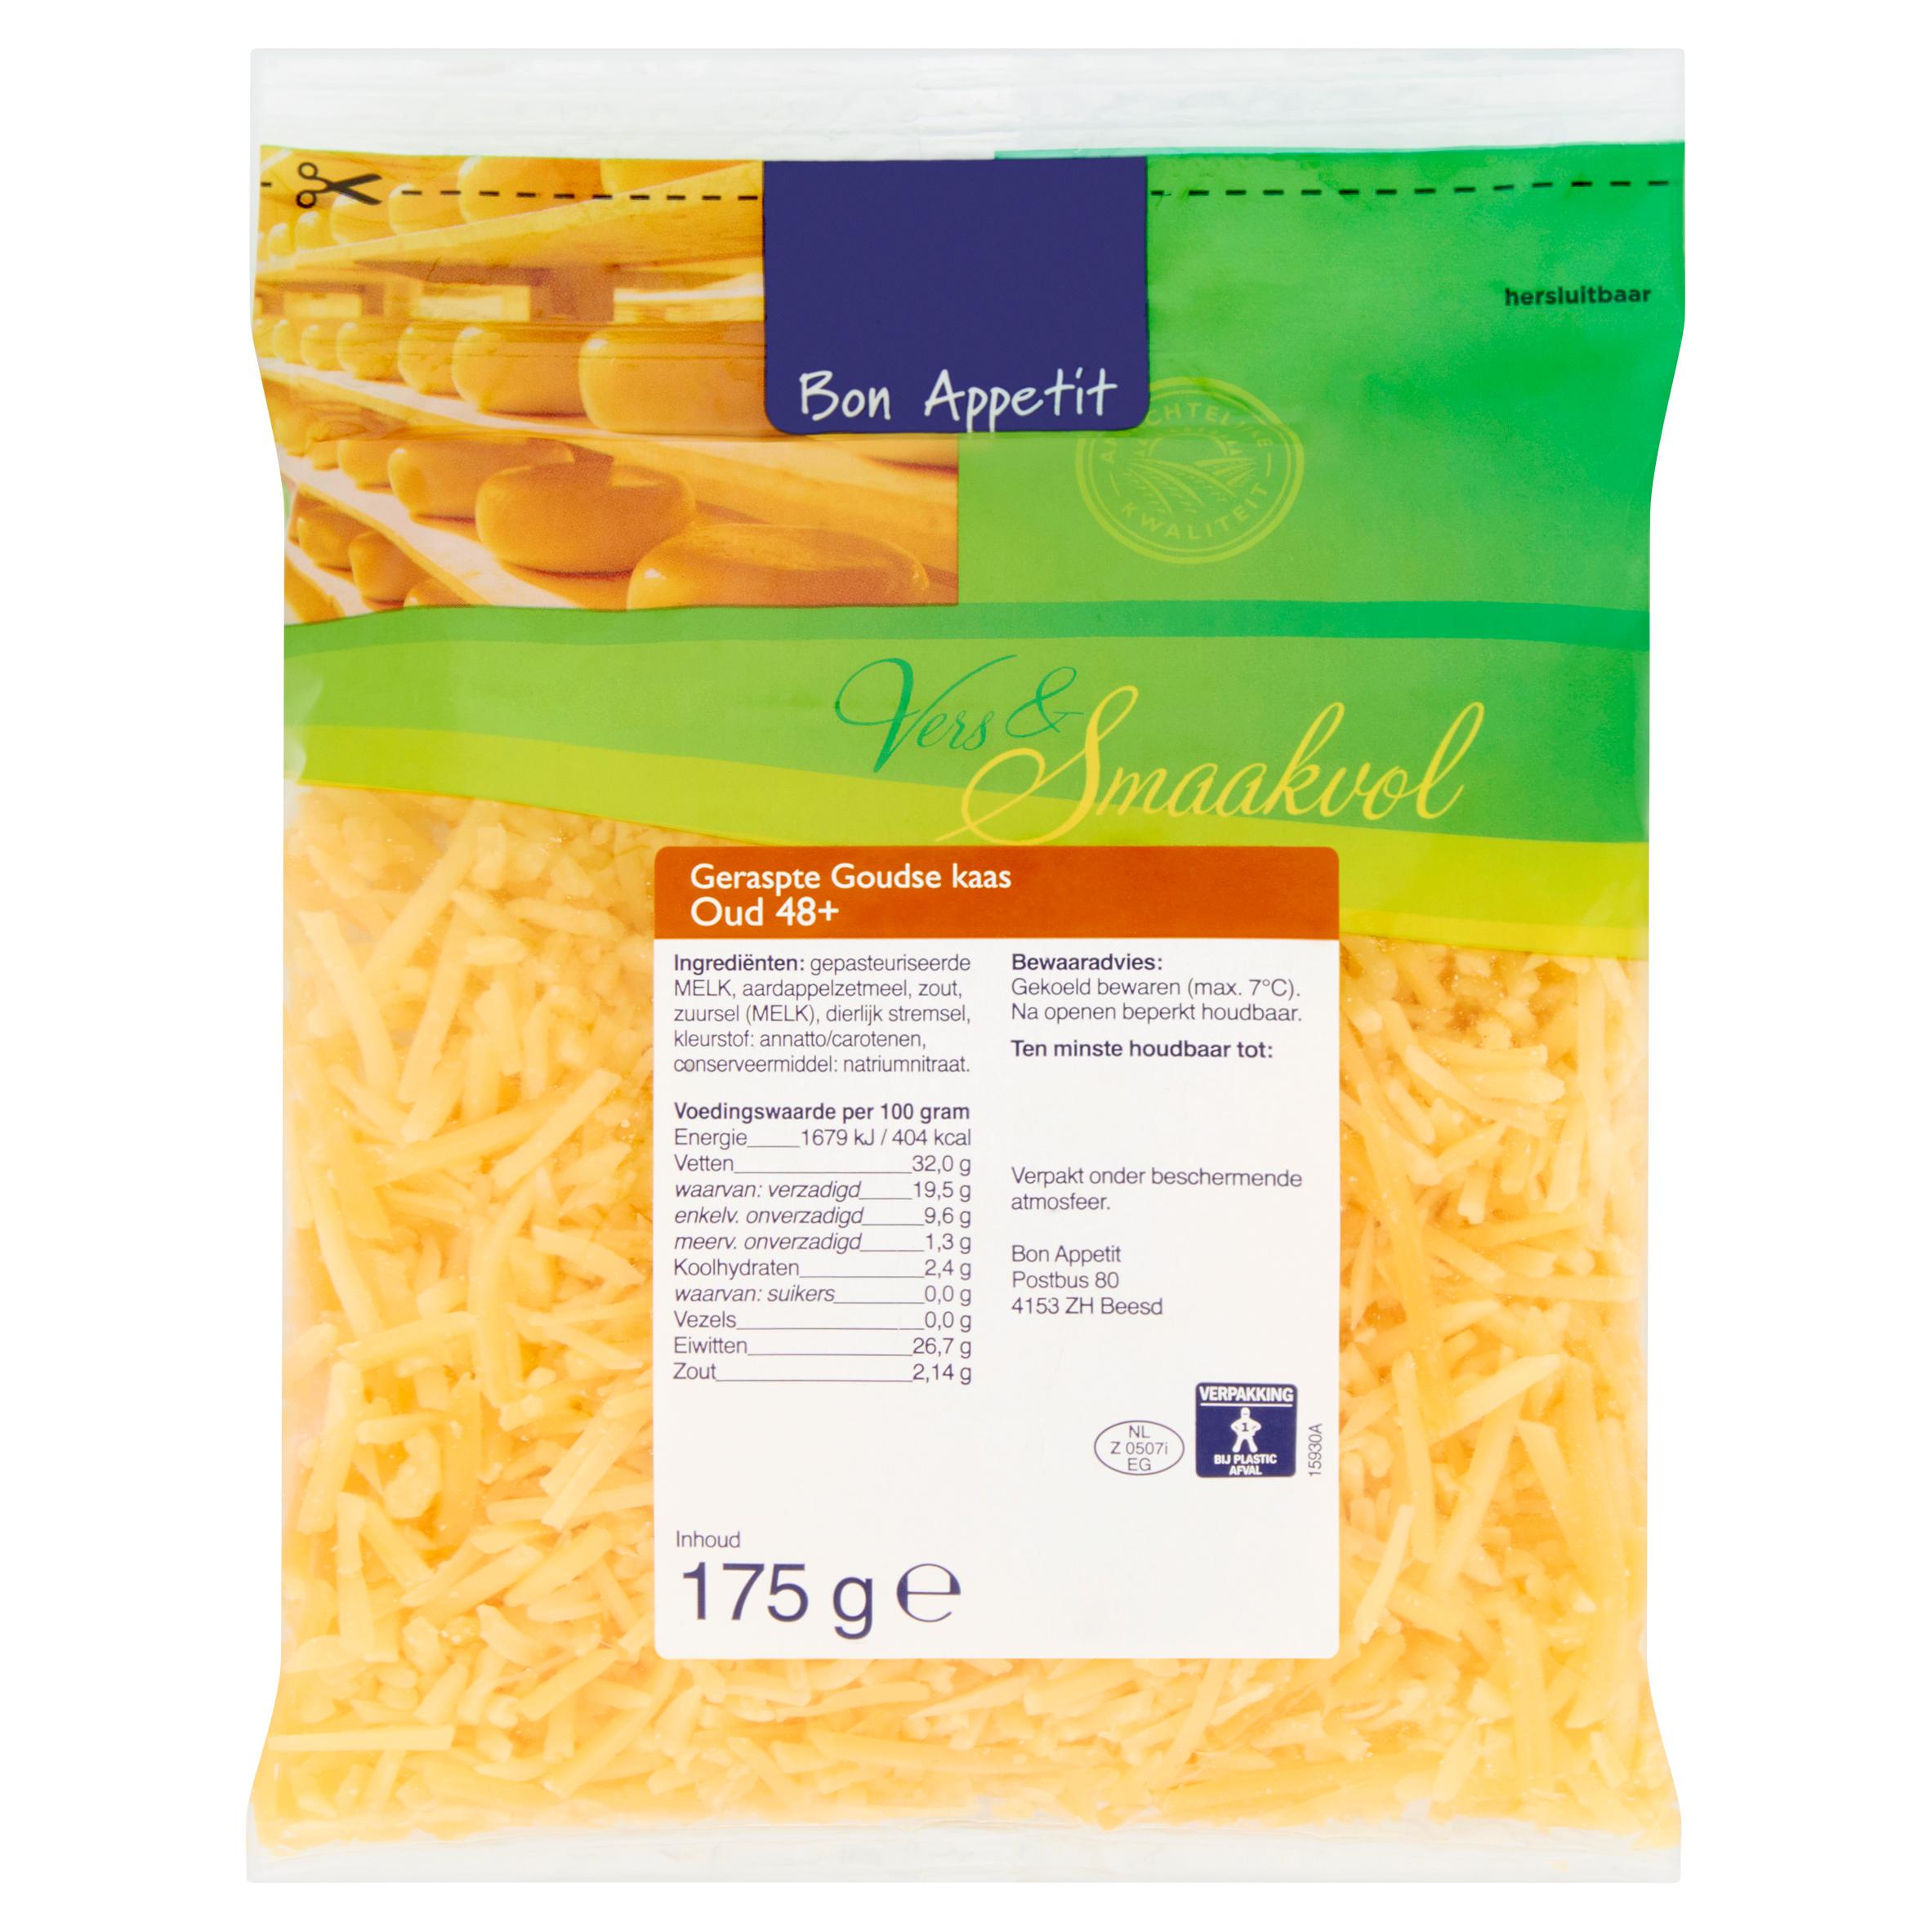 Bon Appetit Geraspte Goudse Kaas Oud 48+ 175 g